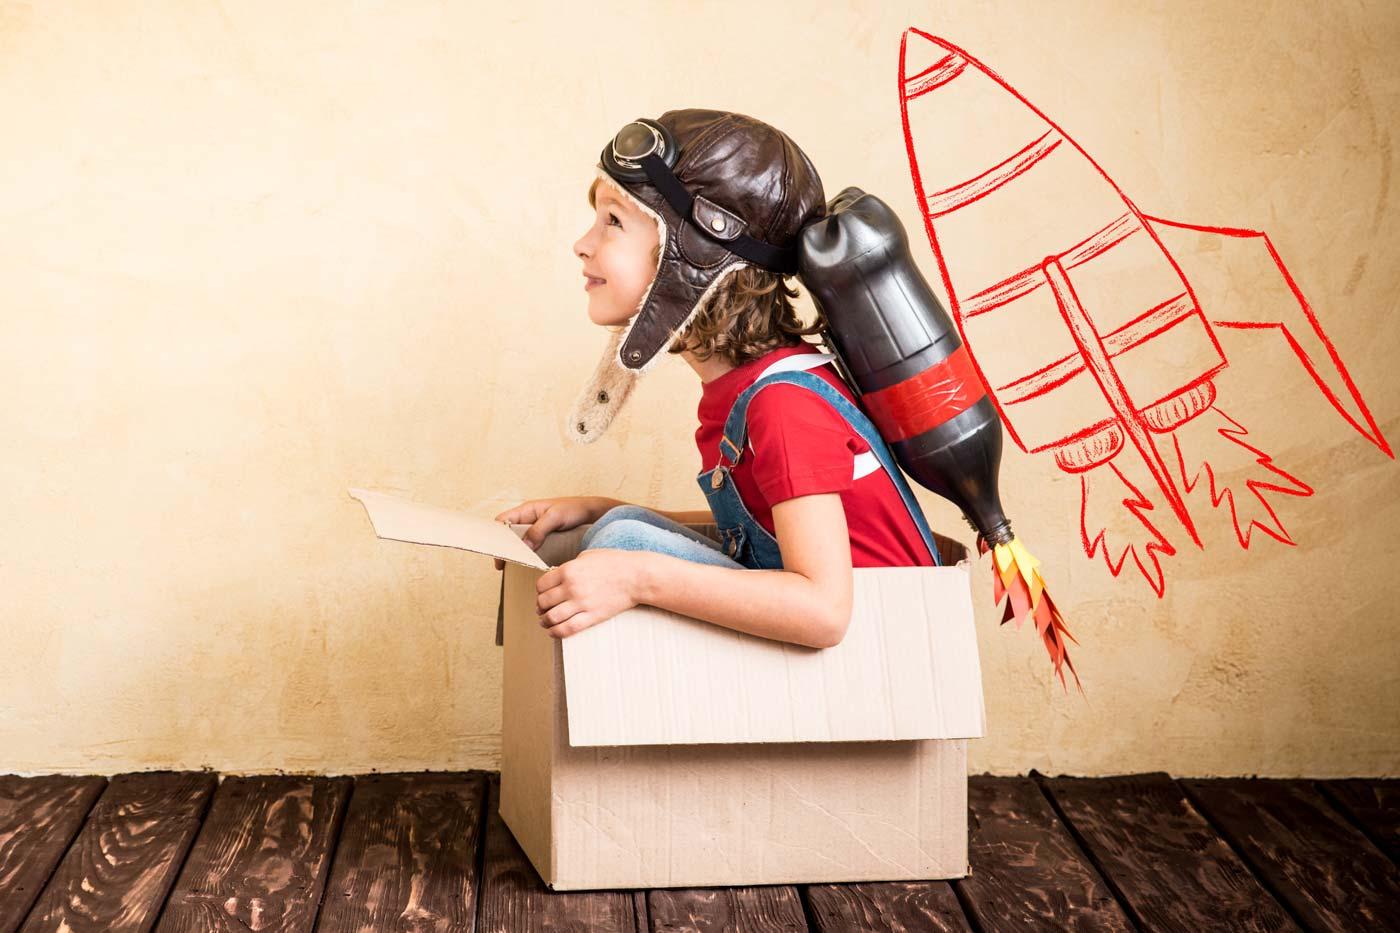 Kind mit Raketenrucksack sitzt in einem Karton